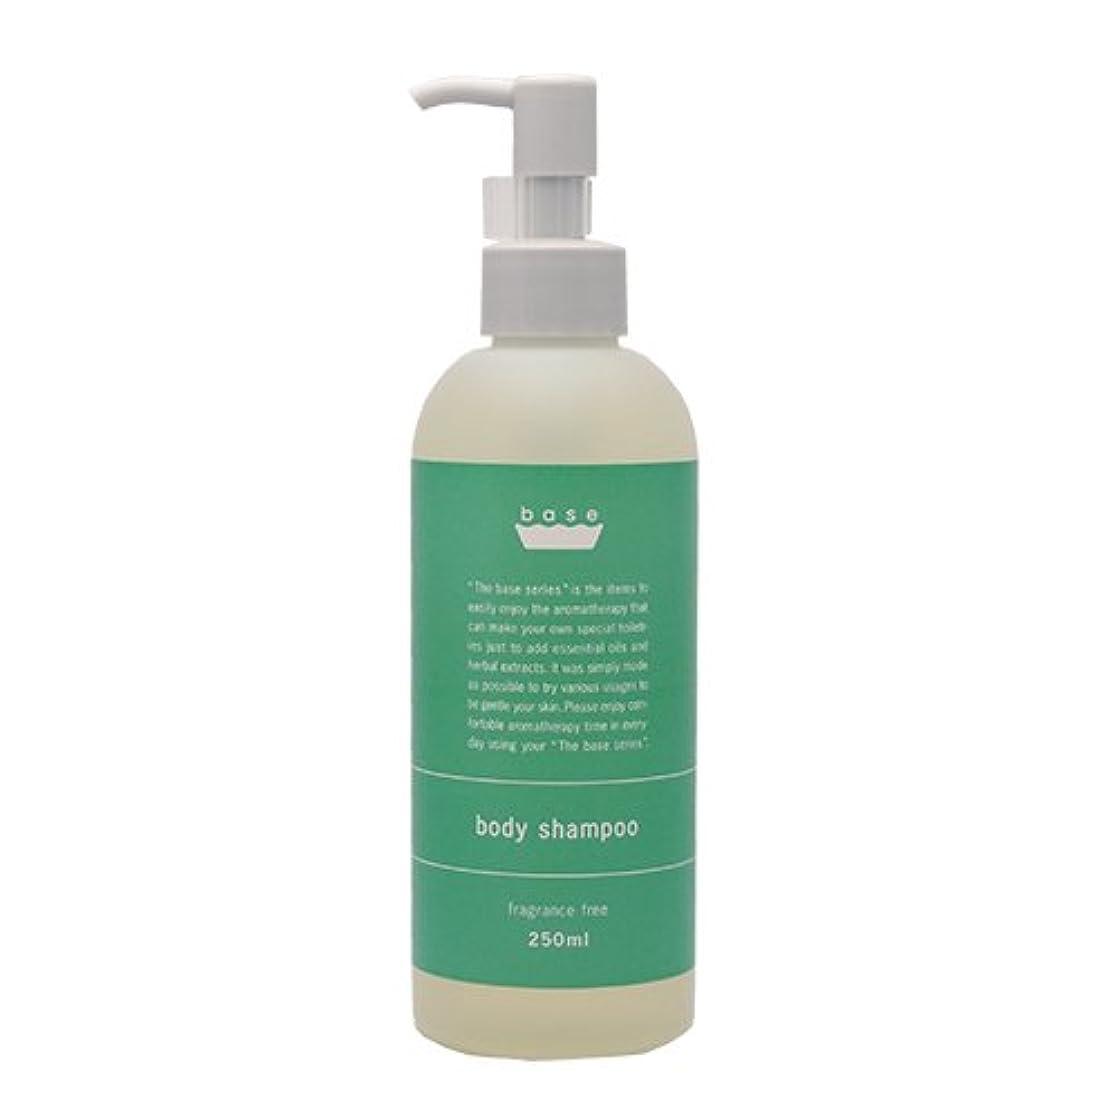 振る舞う地域読書をするフレーバーライフ(Flavor Life) フレーバーライフ base body shampoo(ボディーシャンプー)250ml ボディソープ